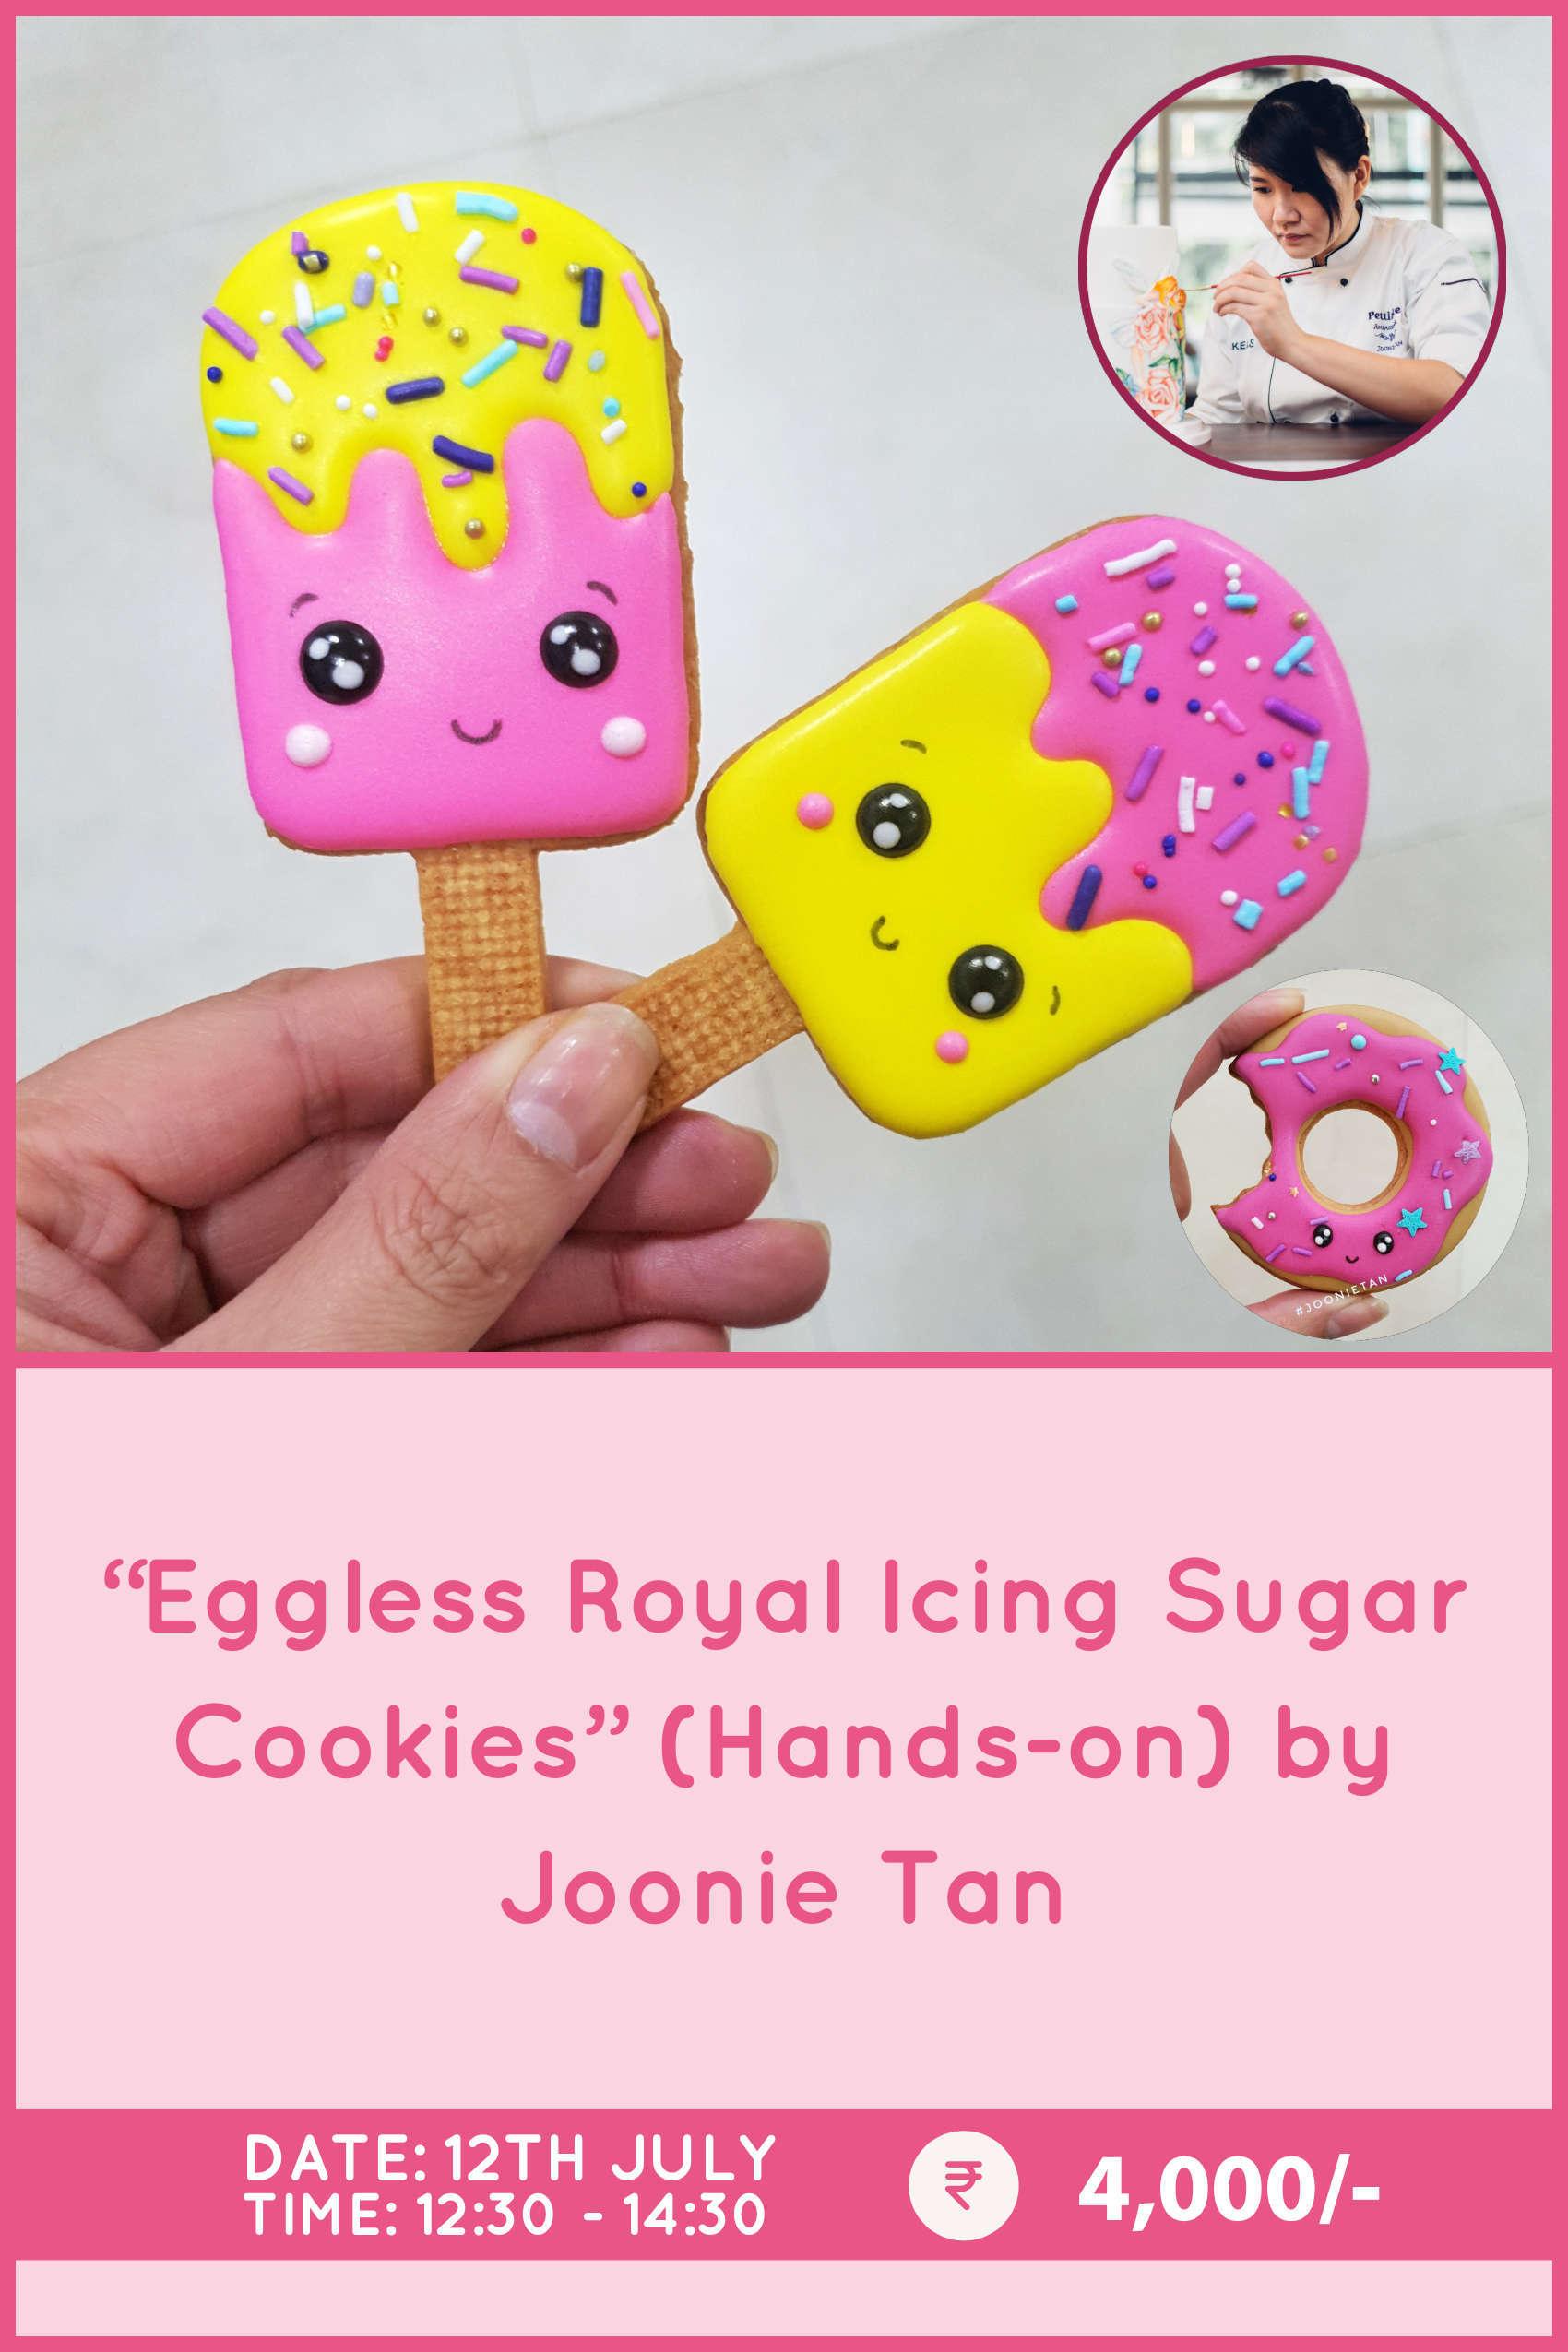 Eggless Royal Icing Sugar Cookies by Joonie Tan